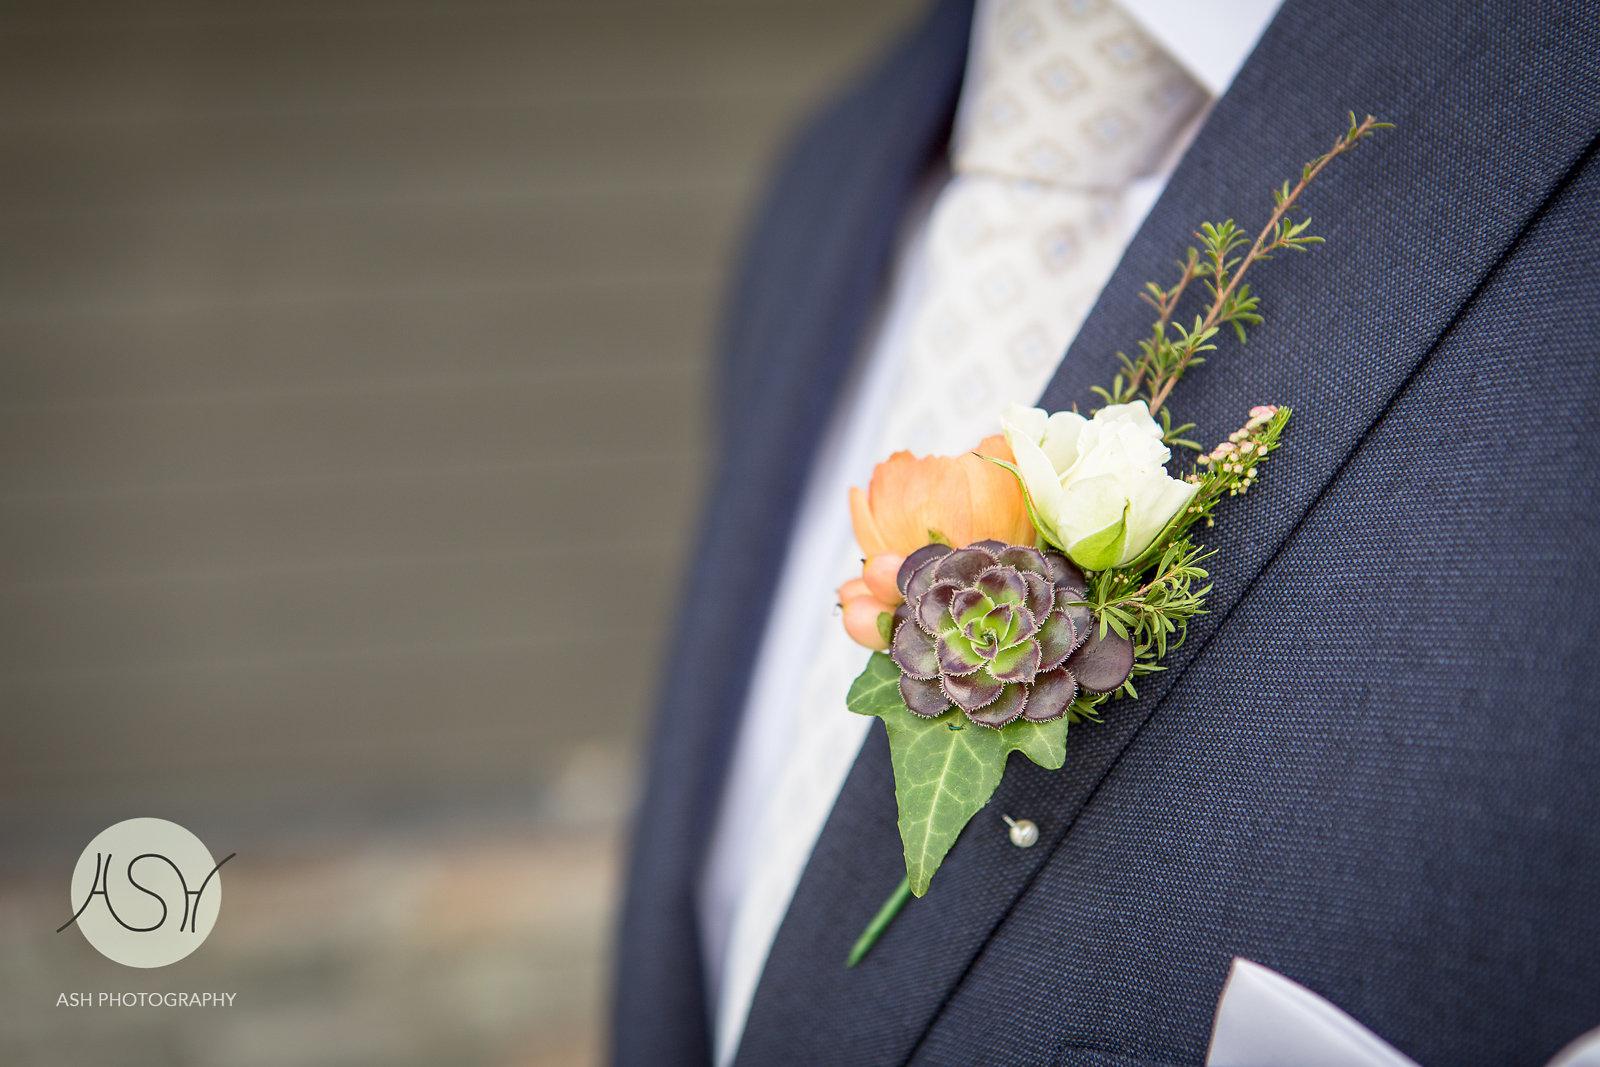 008-Priscilla-Simon-Wedding-ASH-Photography copy.jpg